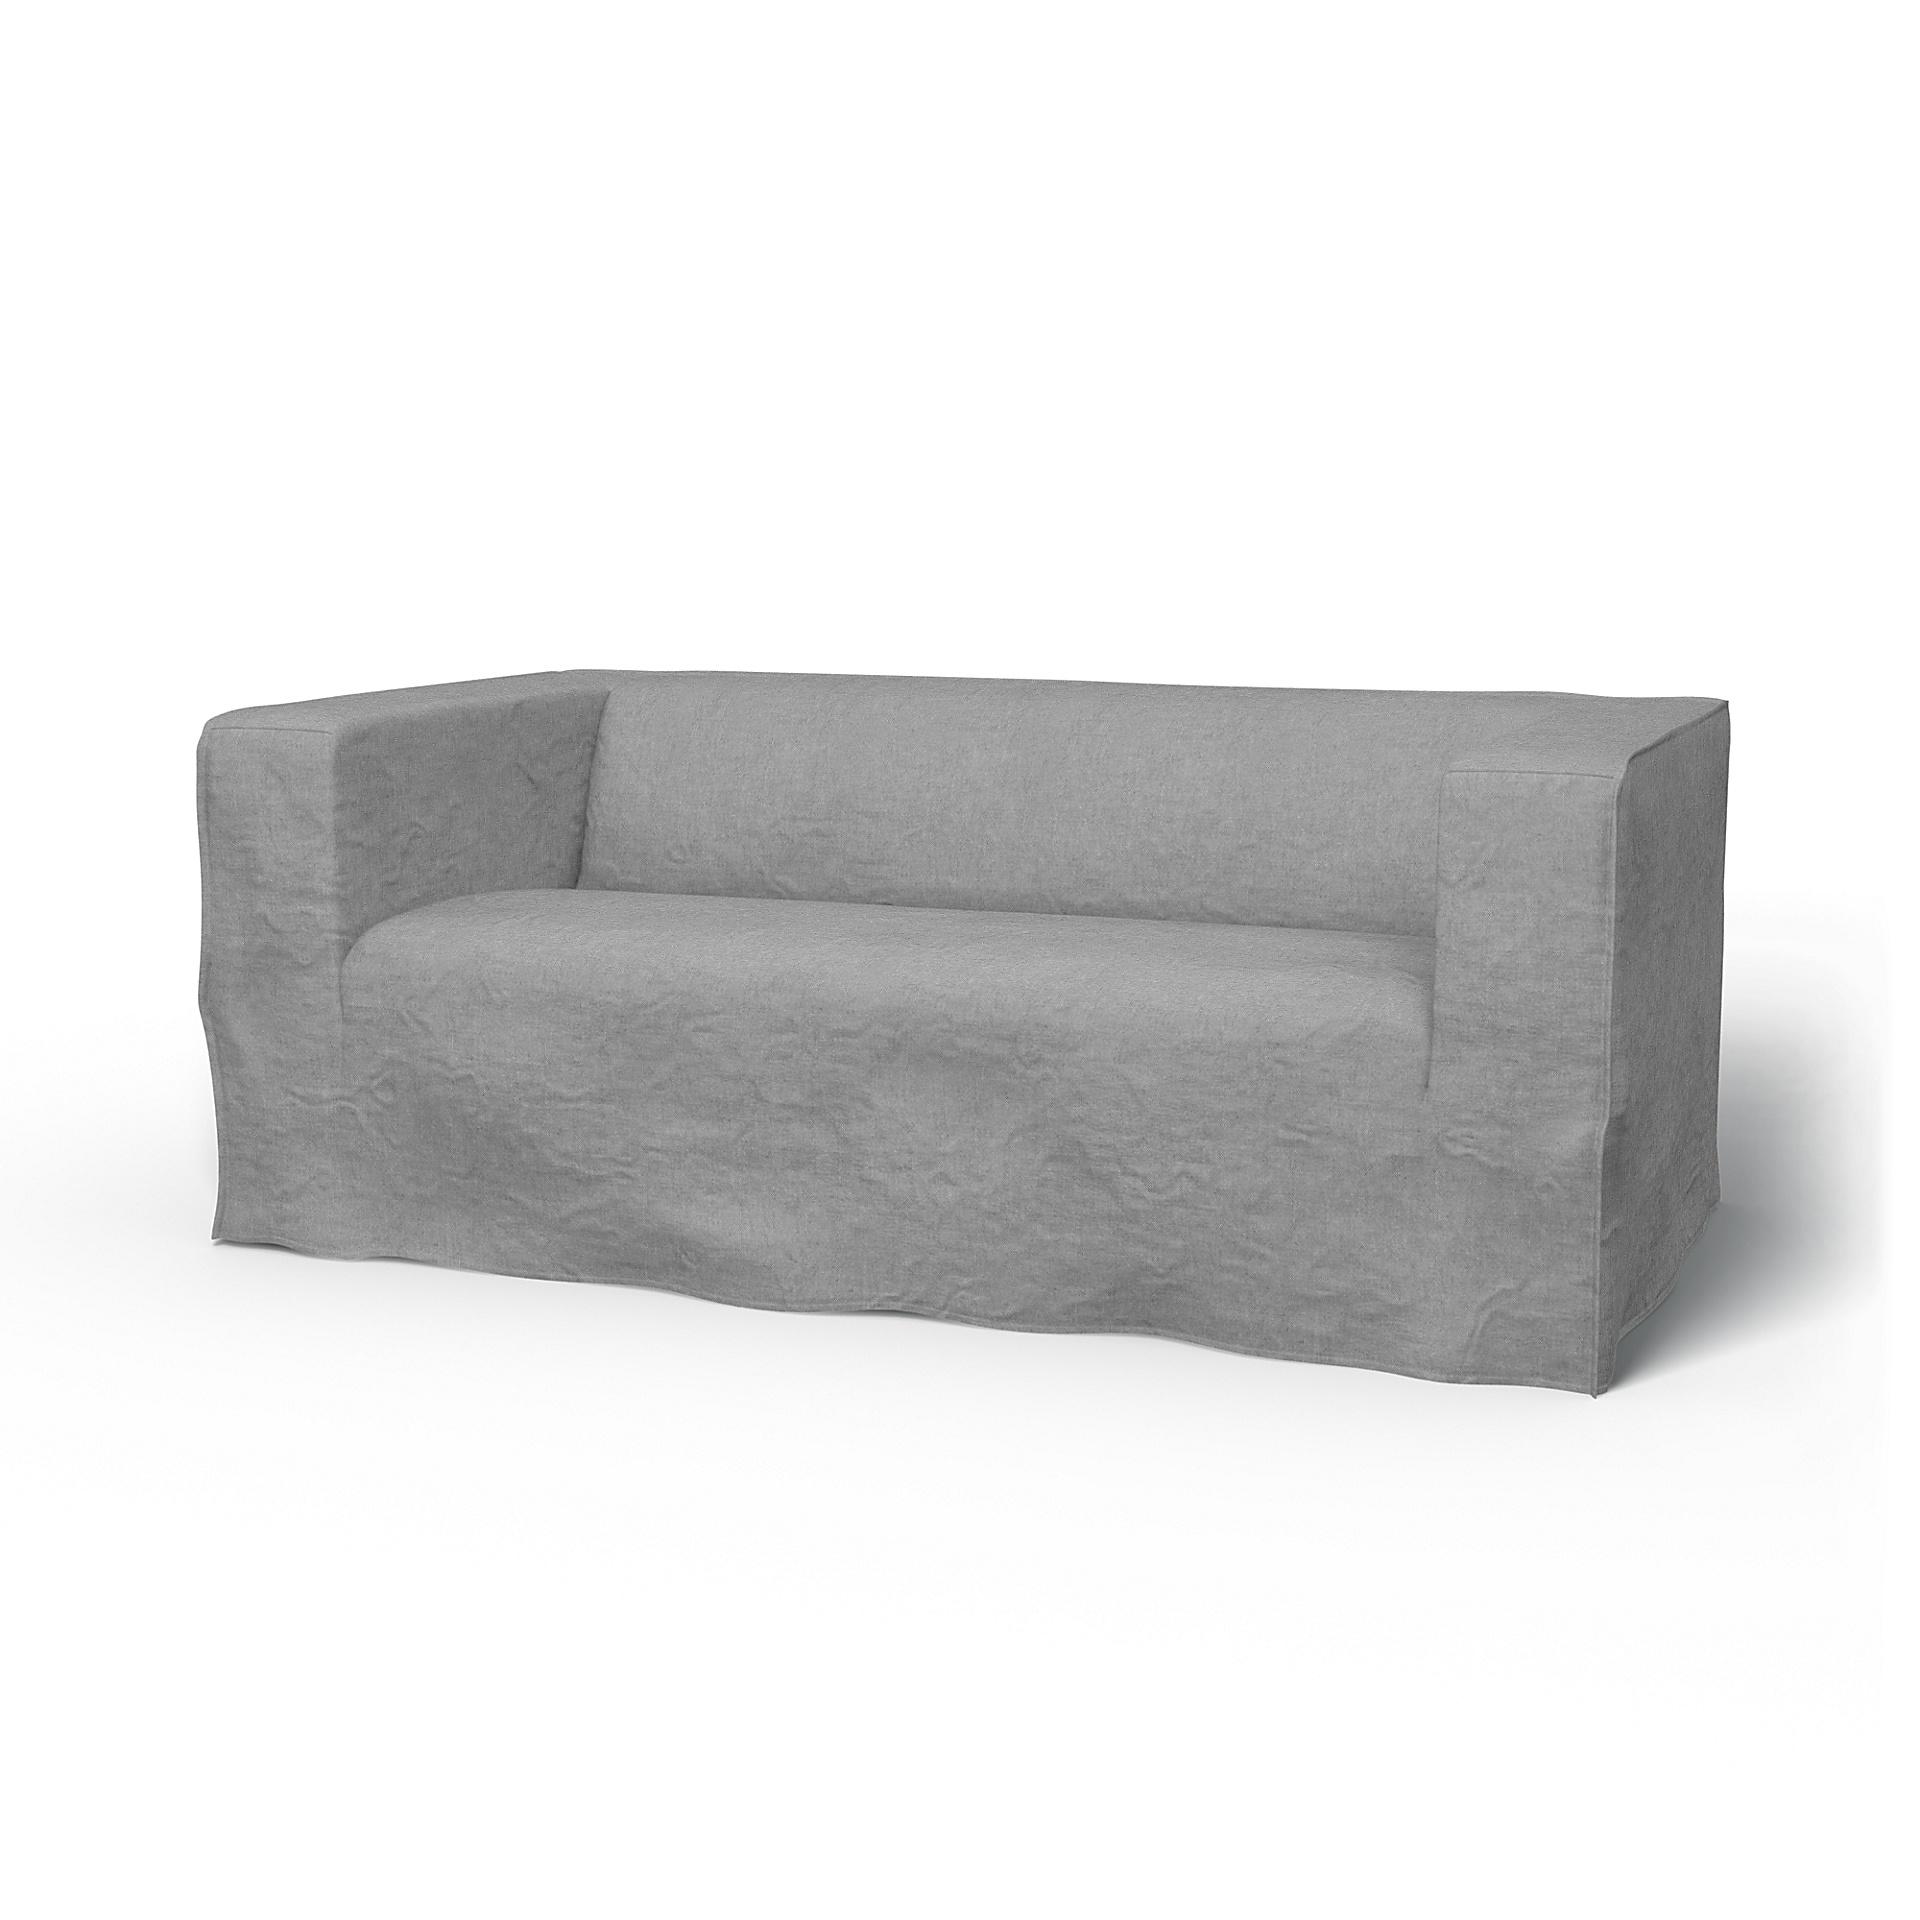 Ikea Klippan 2 Seater Sofa Cover Loose